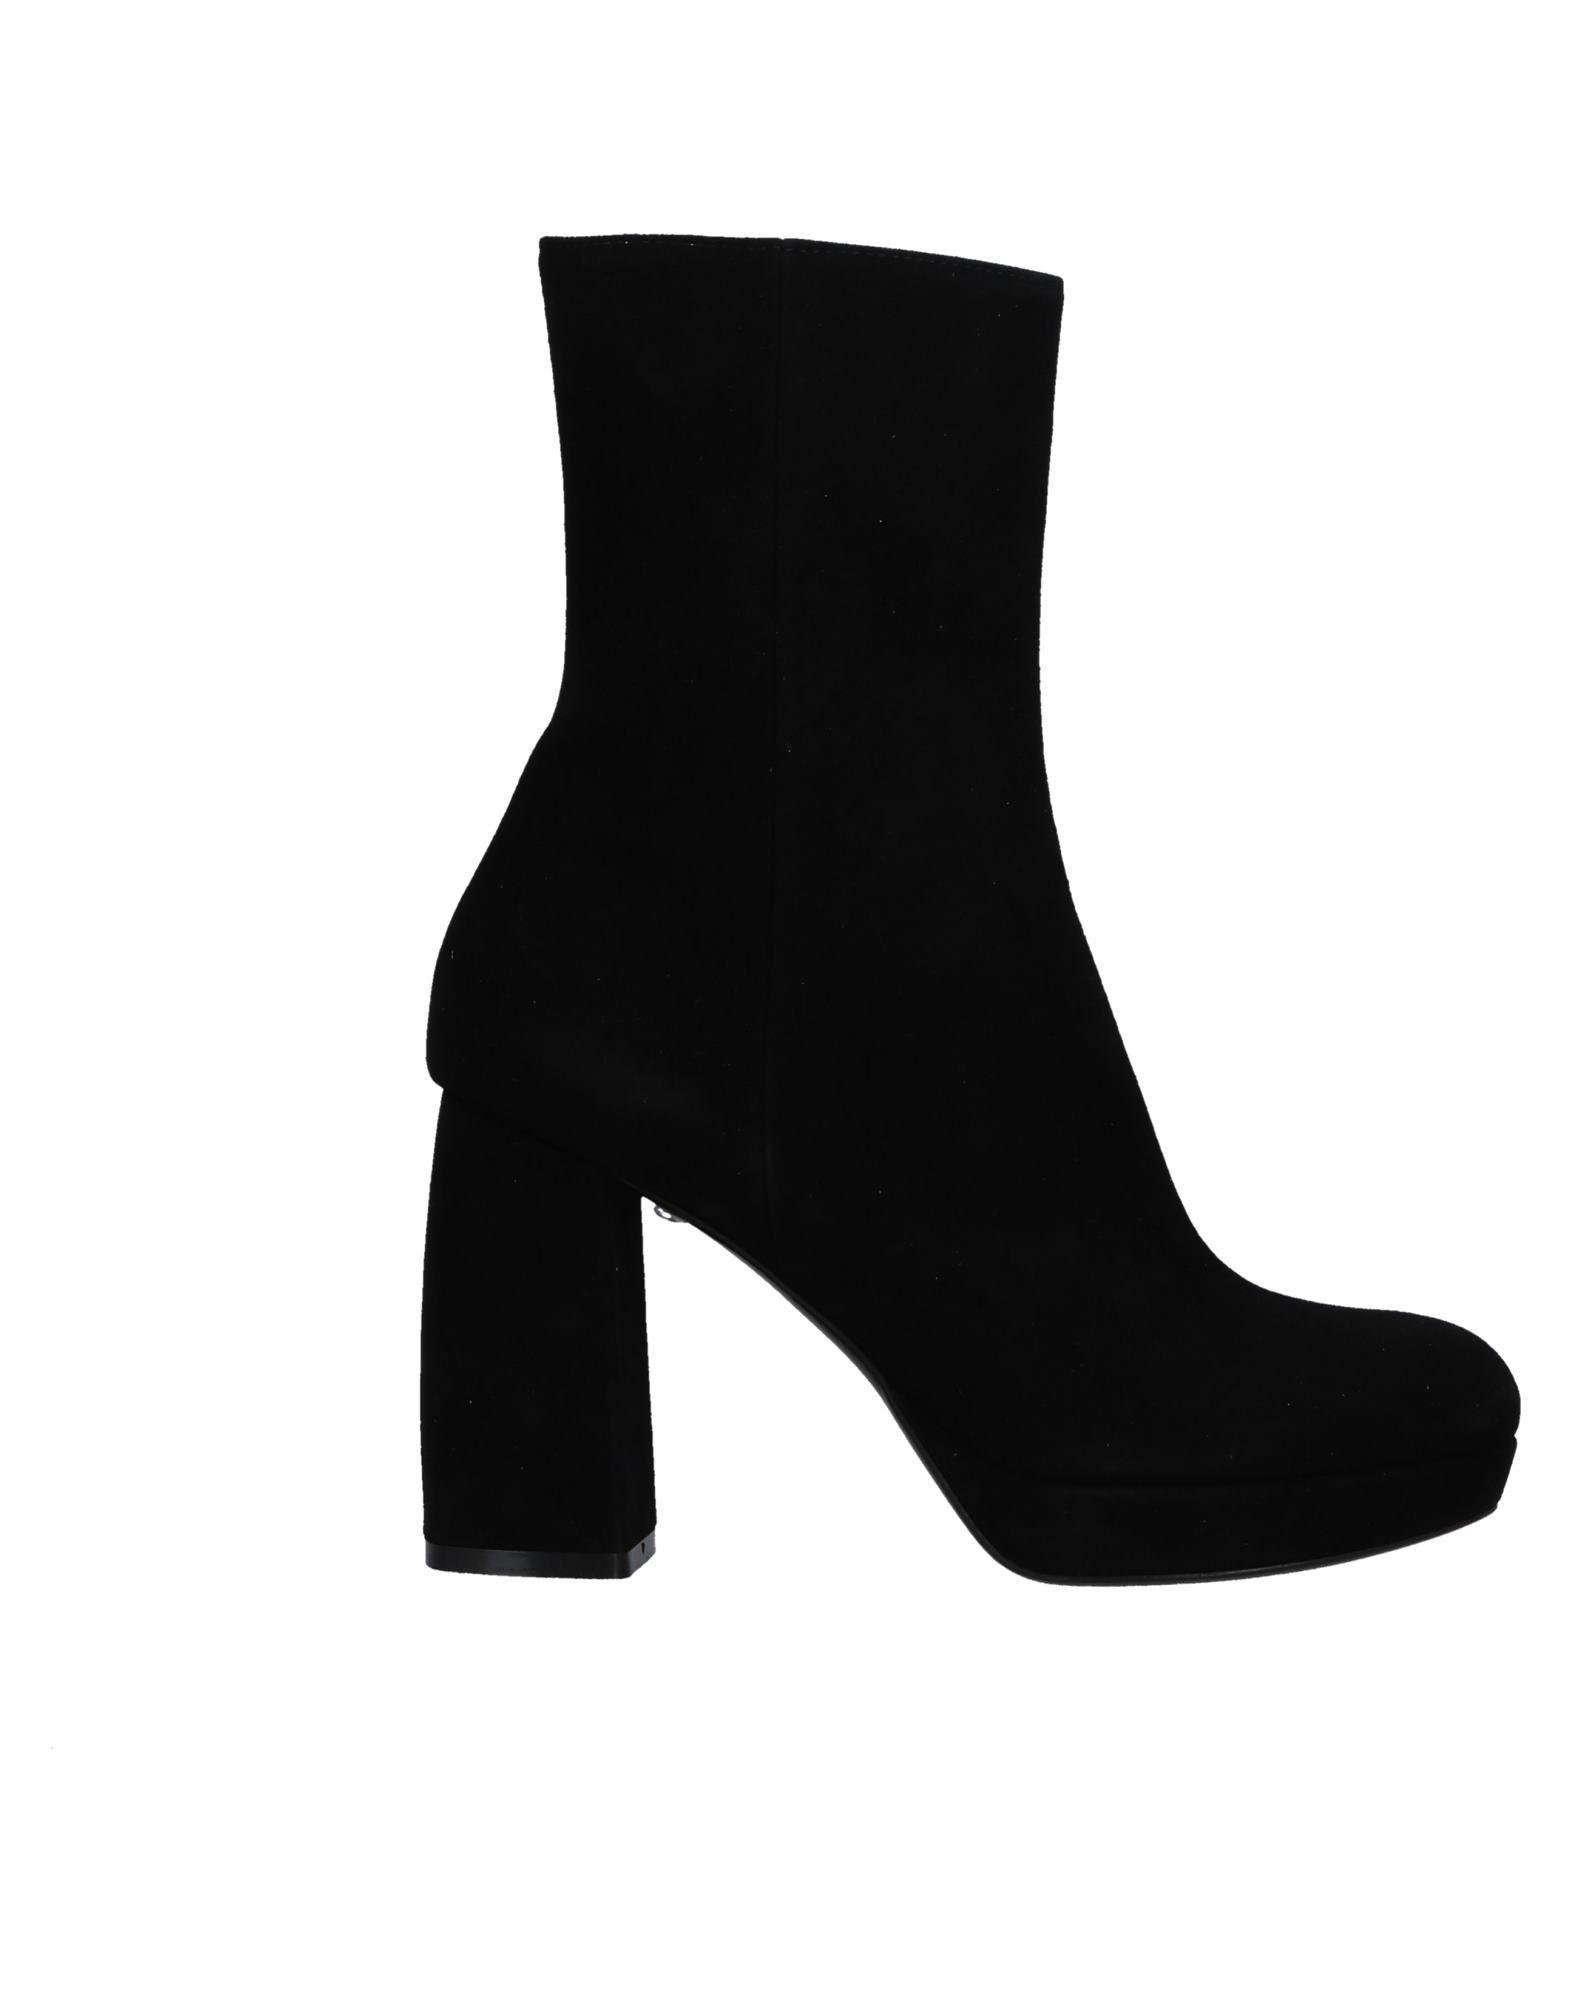 Jucca Stiefelette Damen  11514873RCGut aussehende strapazierfähige Schuhe